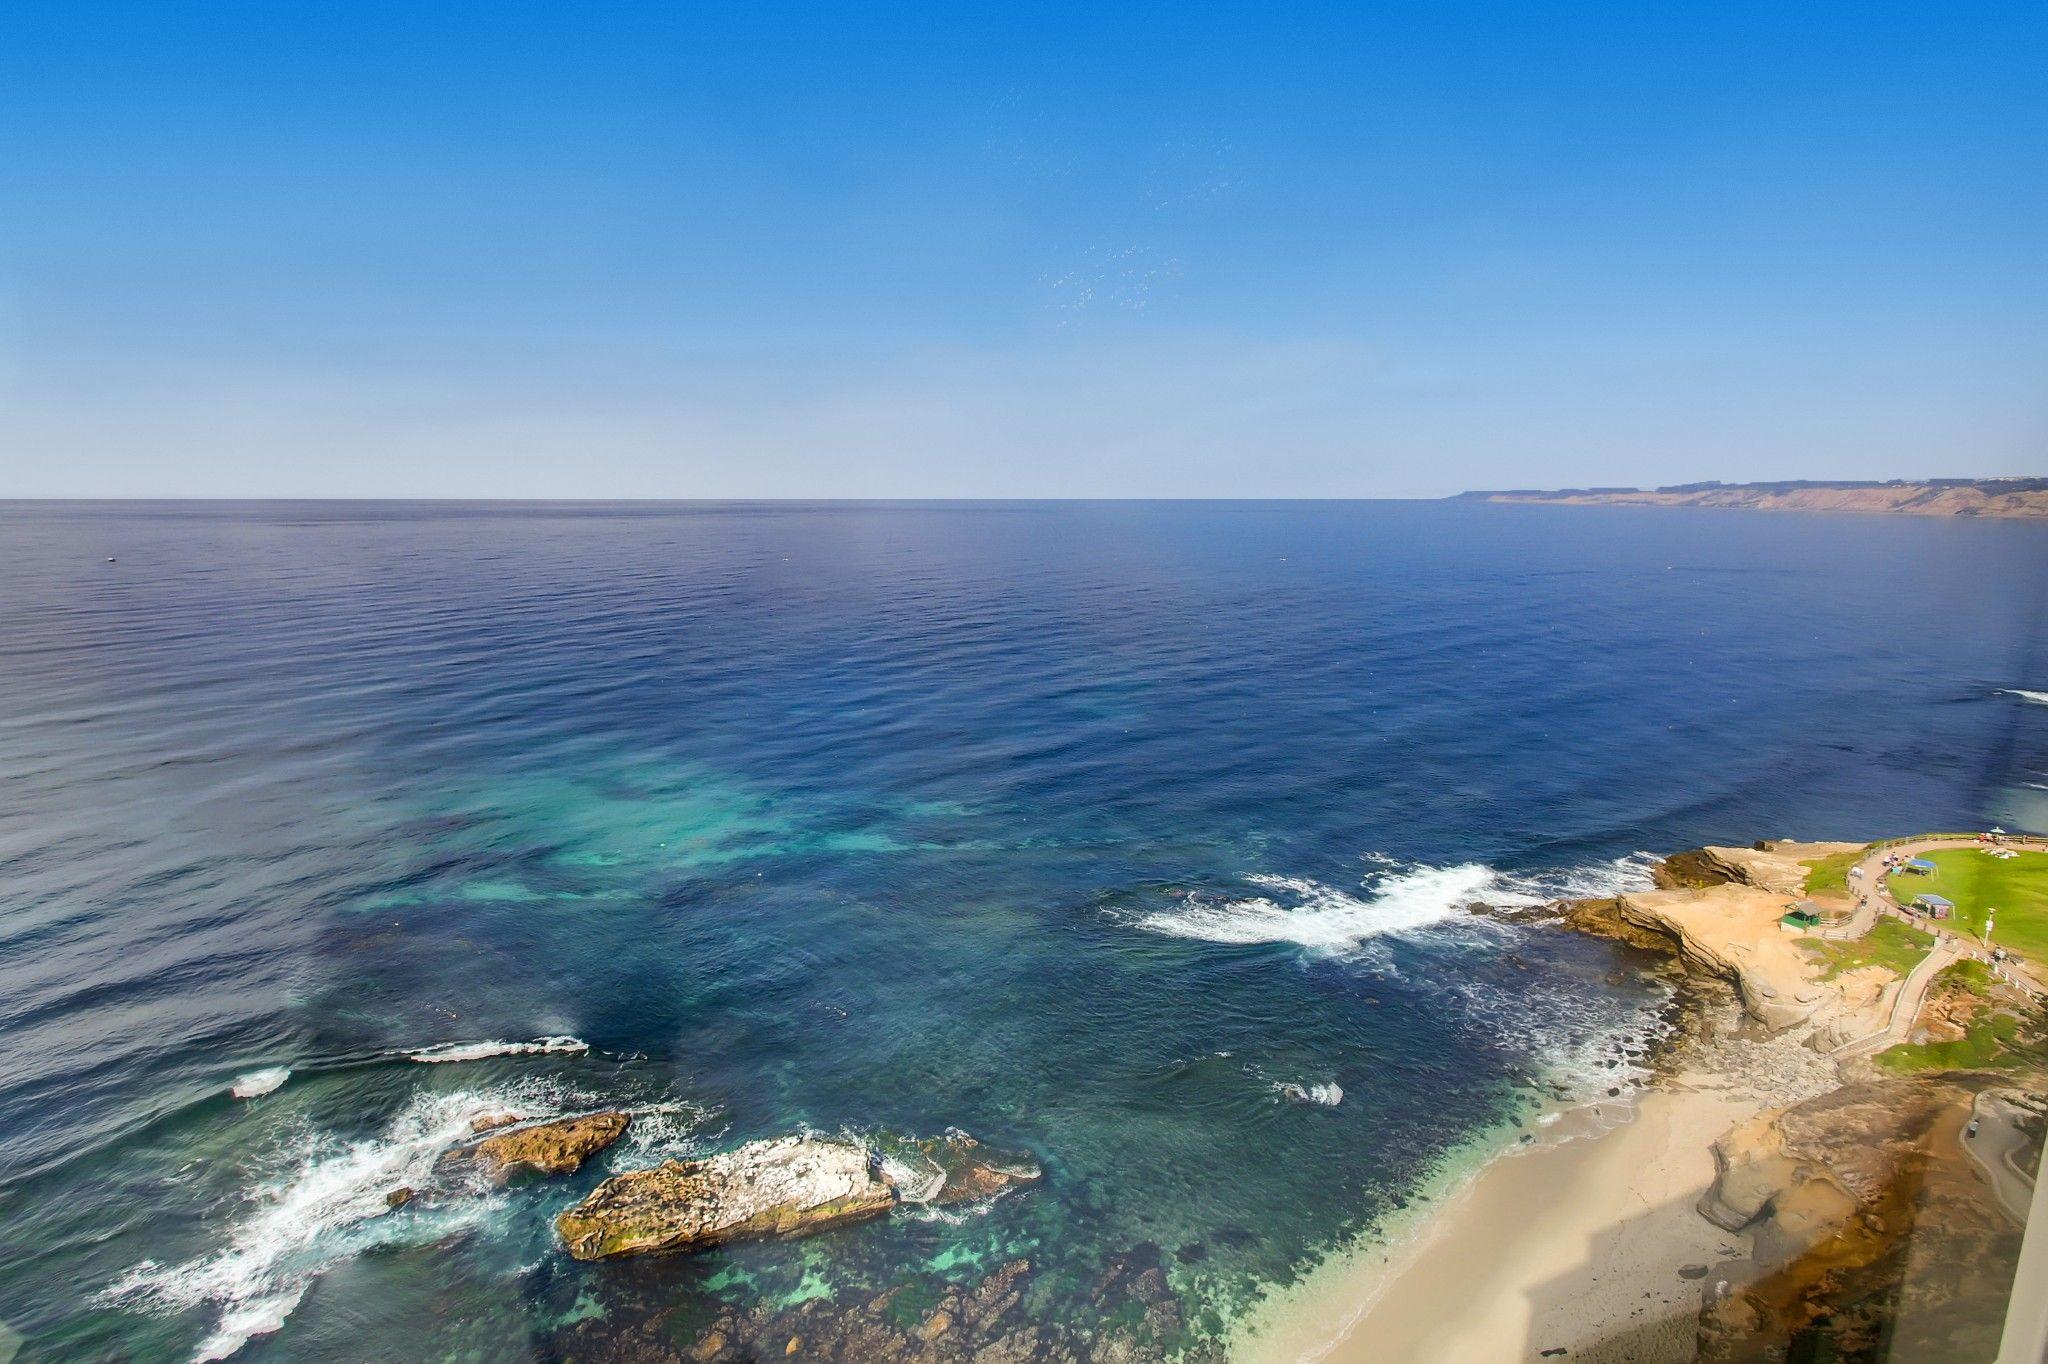 Main Photo: Condo for sale : 2 bedrooms : 939 Coast Blvd #21DE in La Jolla